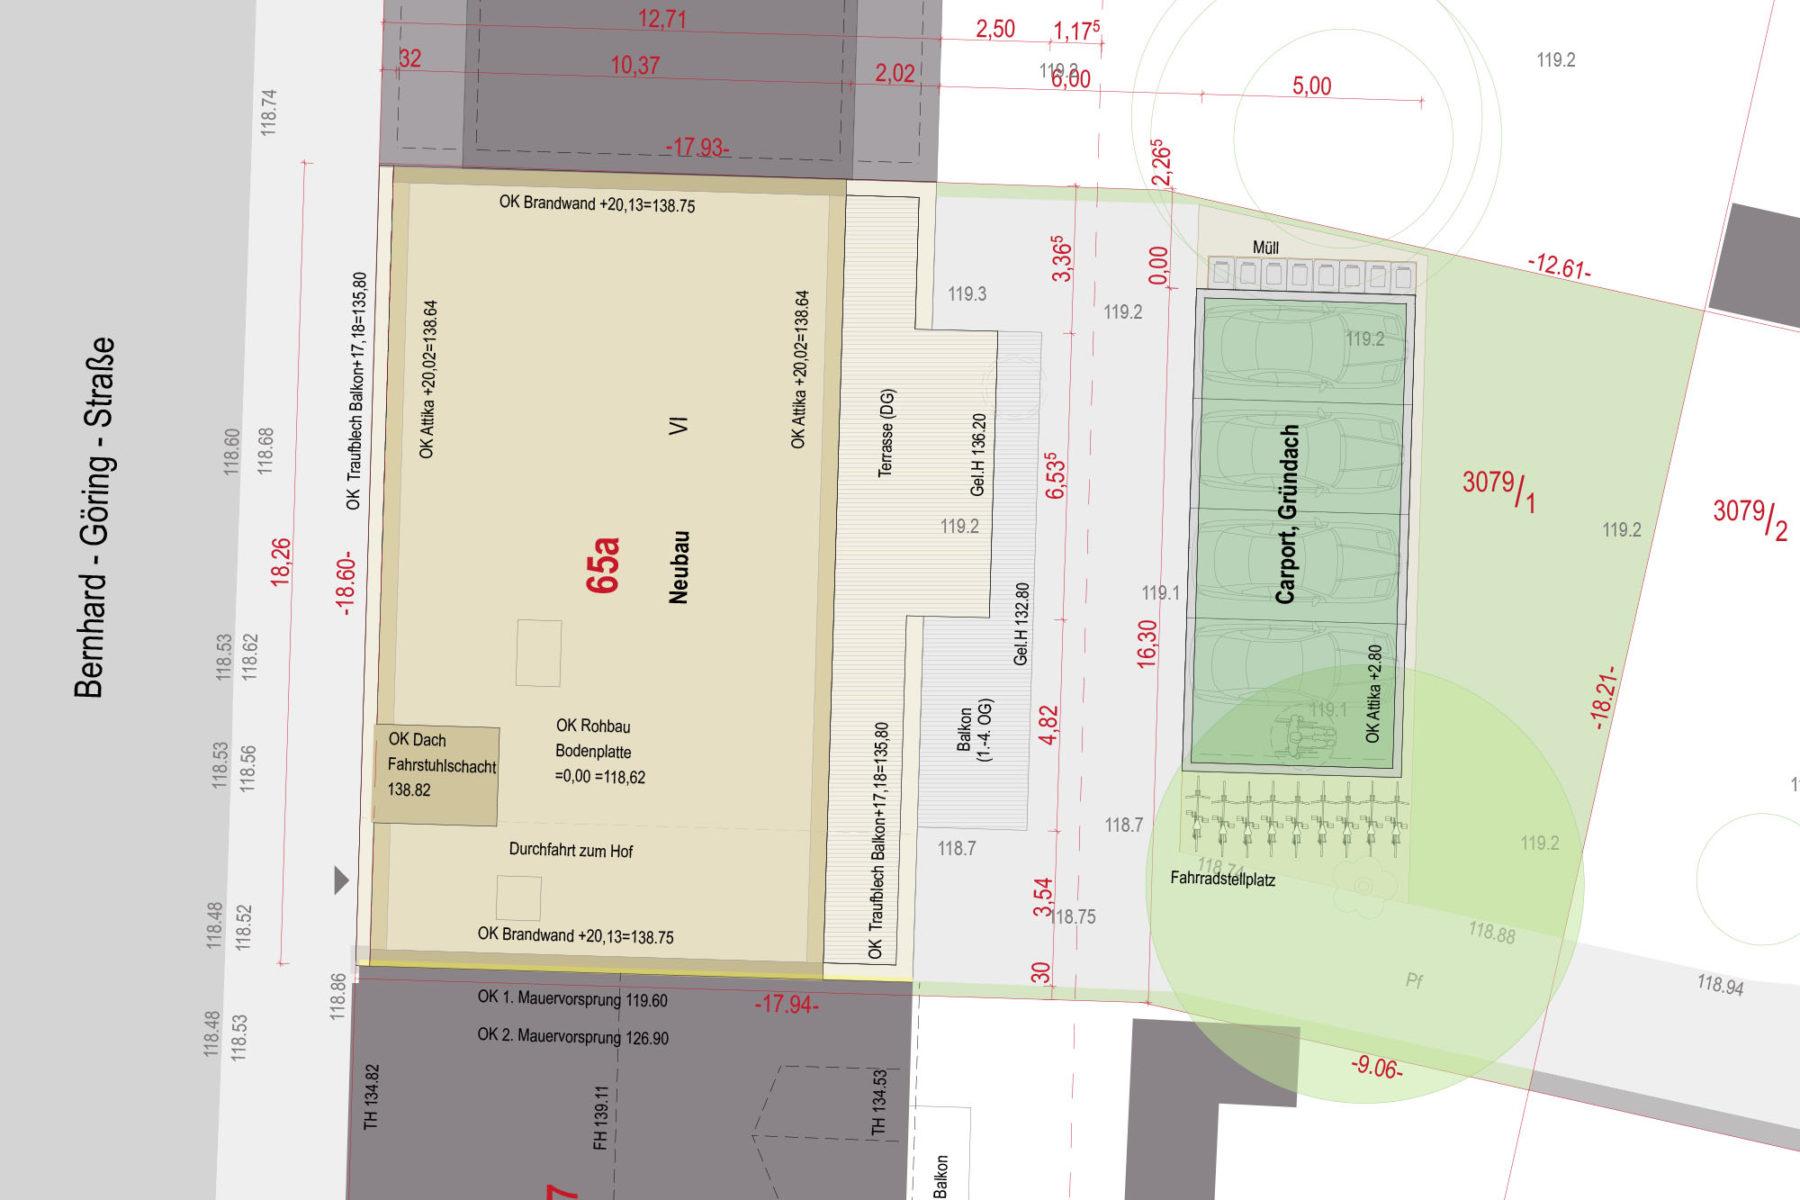 Lageplan mit Carport und Grünfläche